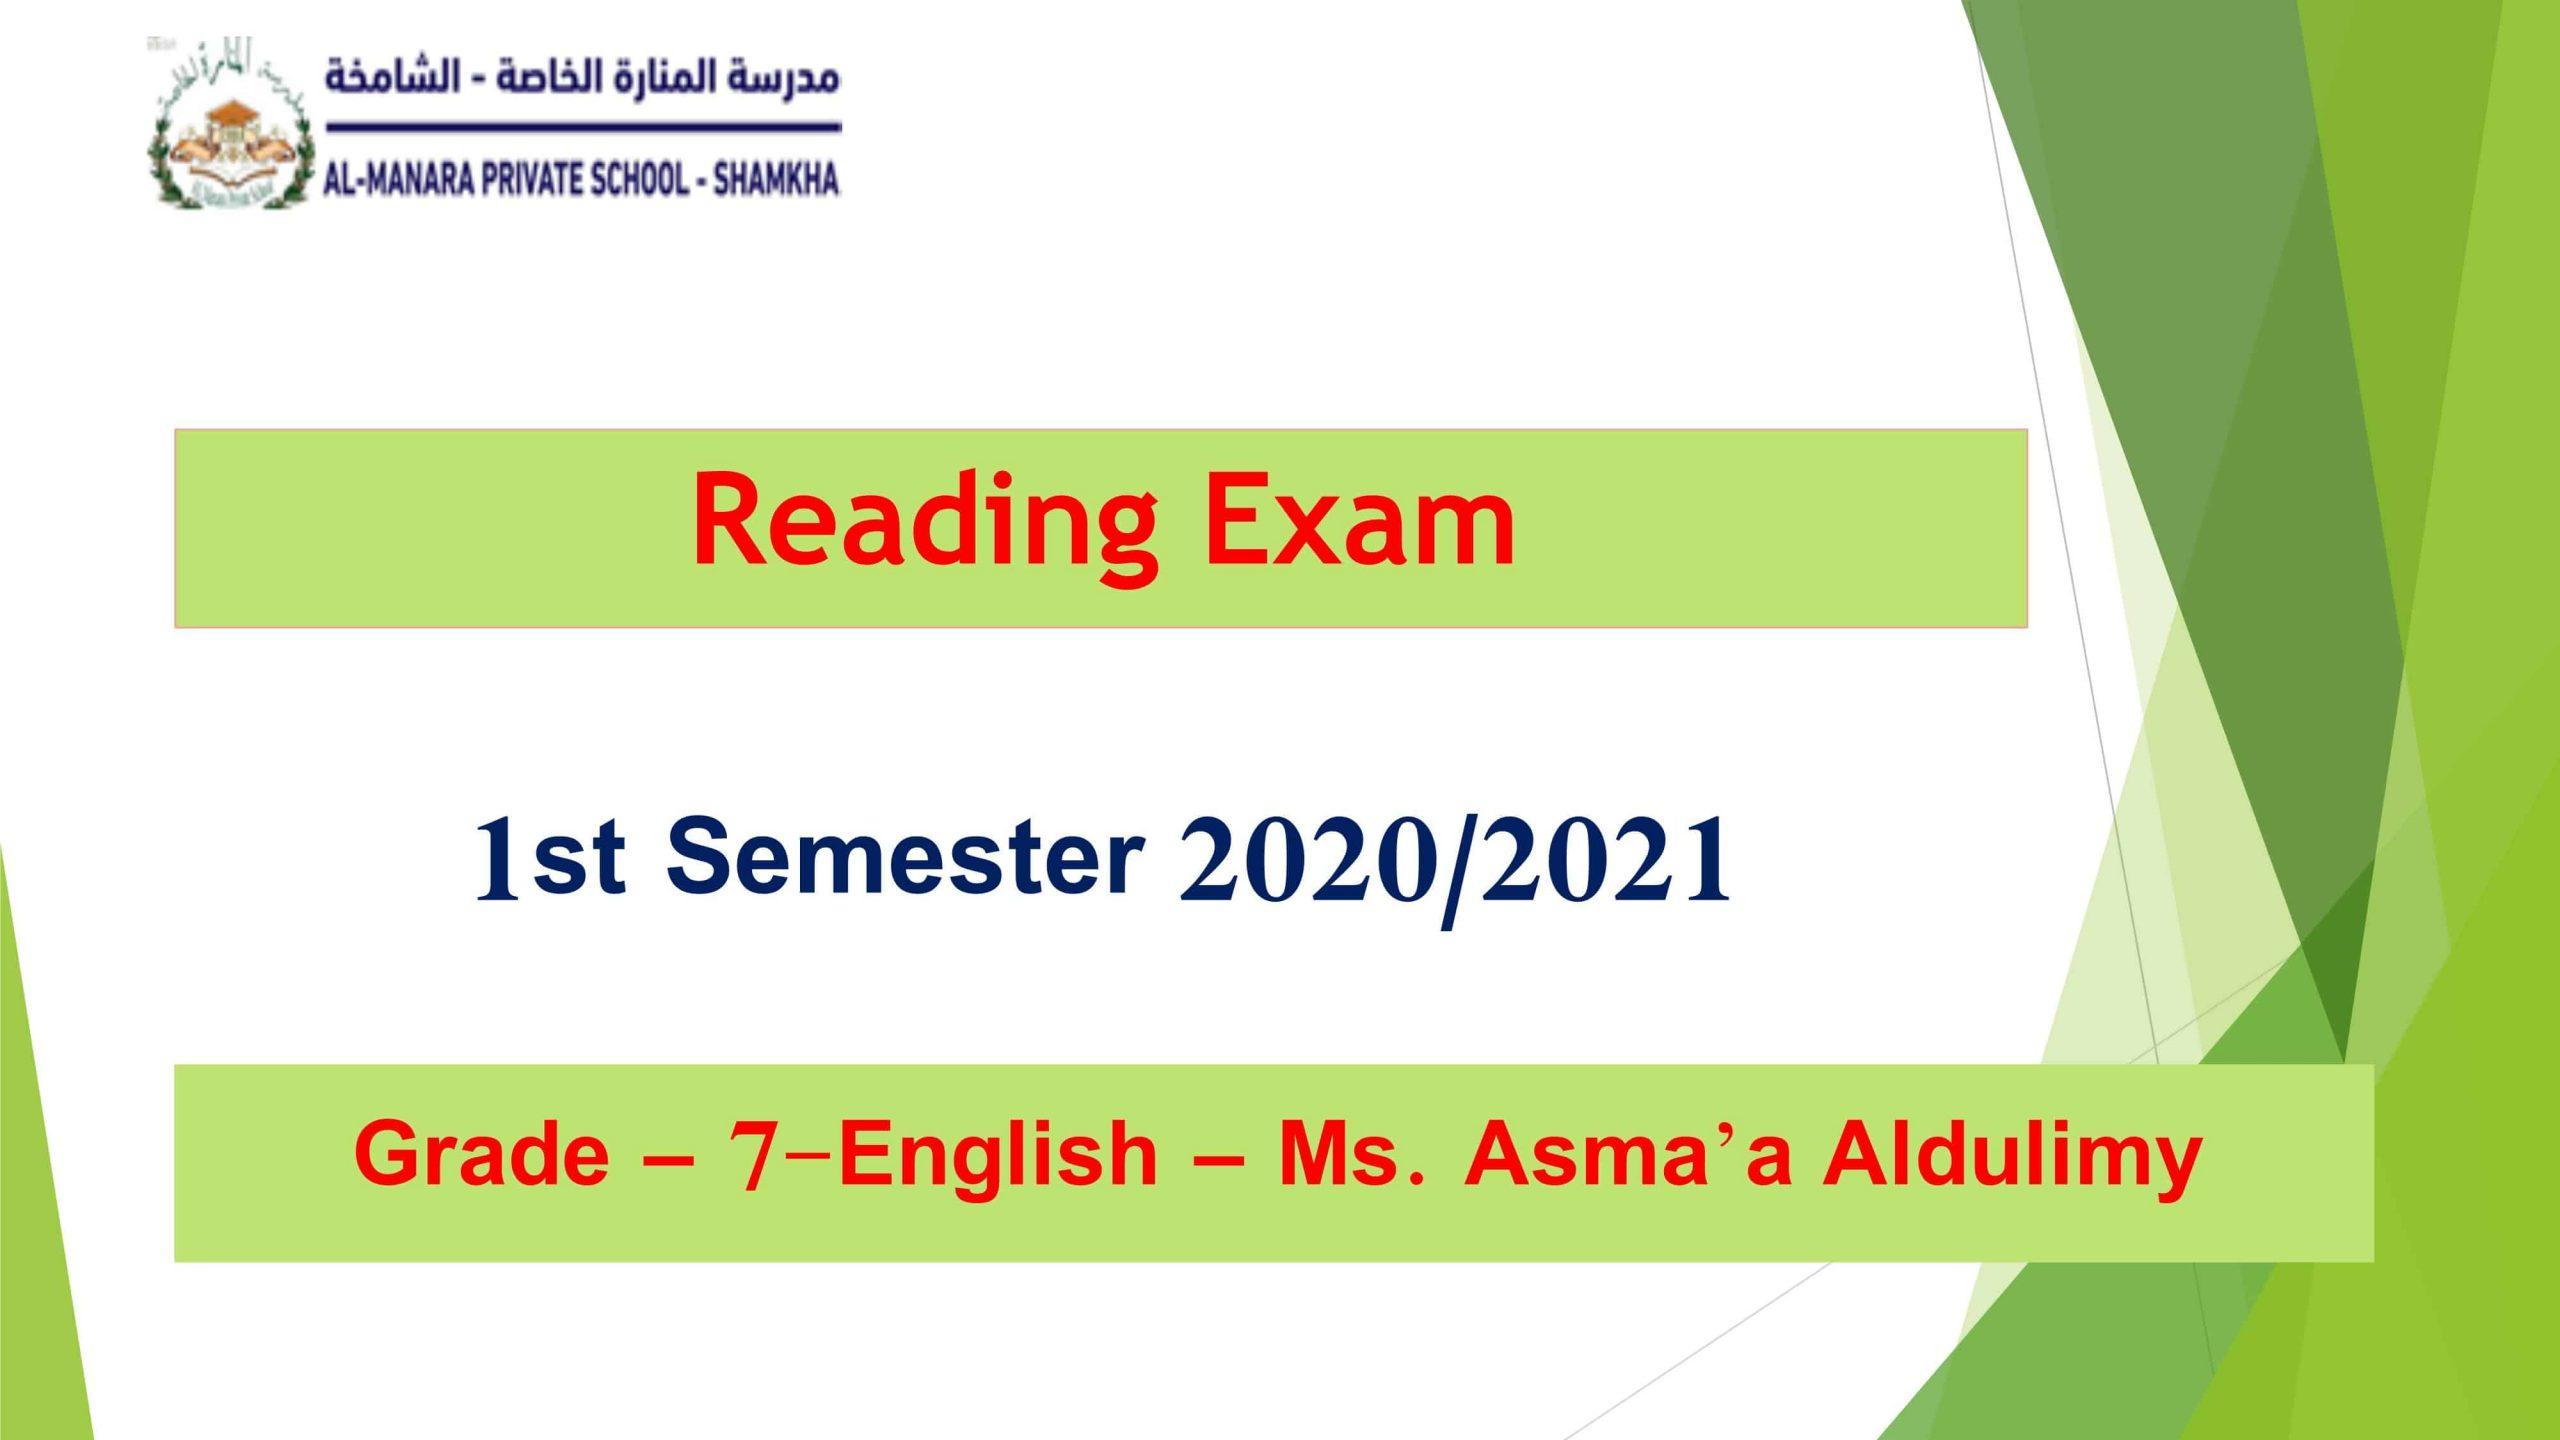 حل امتحان نهاية الفصل الدراسي الاول 2020-2021 الصف السابع مادة اللغة الانجليزية